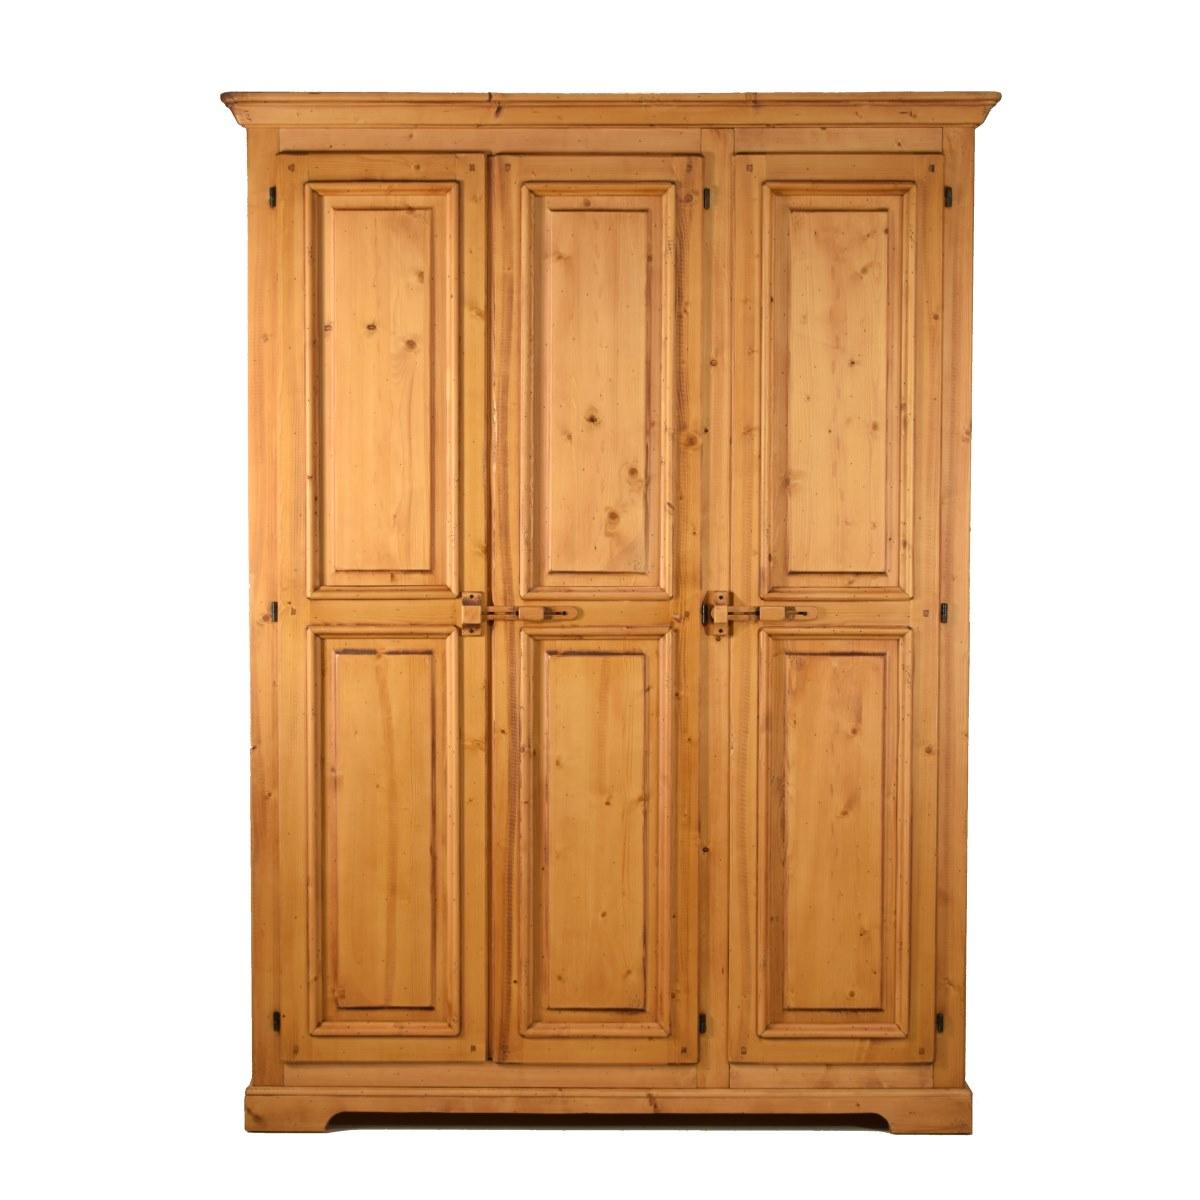 Armario r stico de madera en tres puertas ecor stico for Puertas de dormitorios en madera